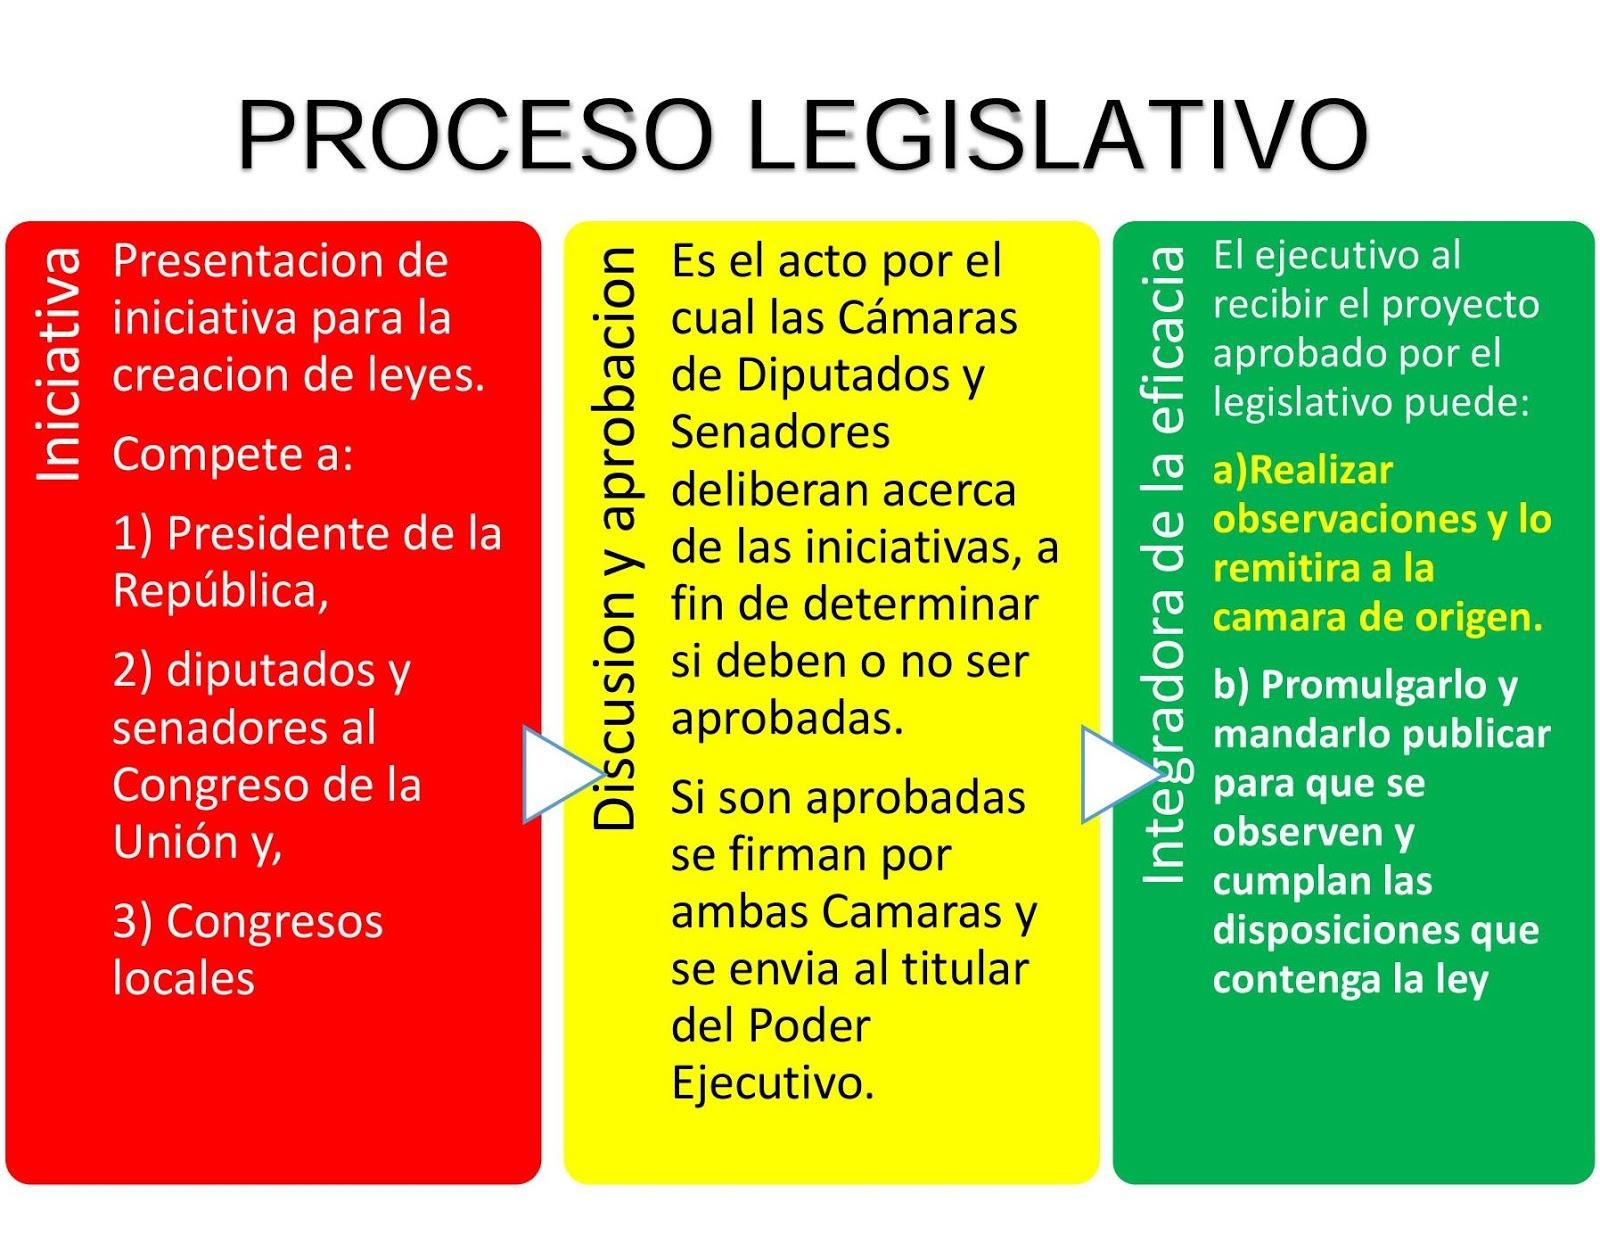 LD Nuevo Proyecto: Proceso Legislativo